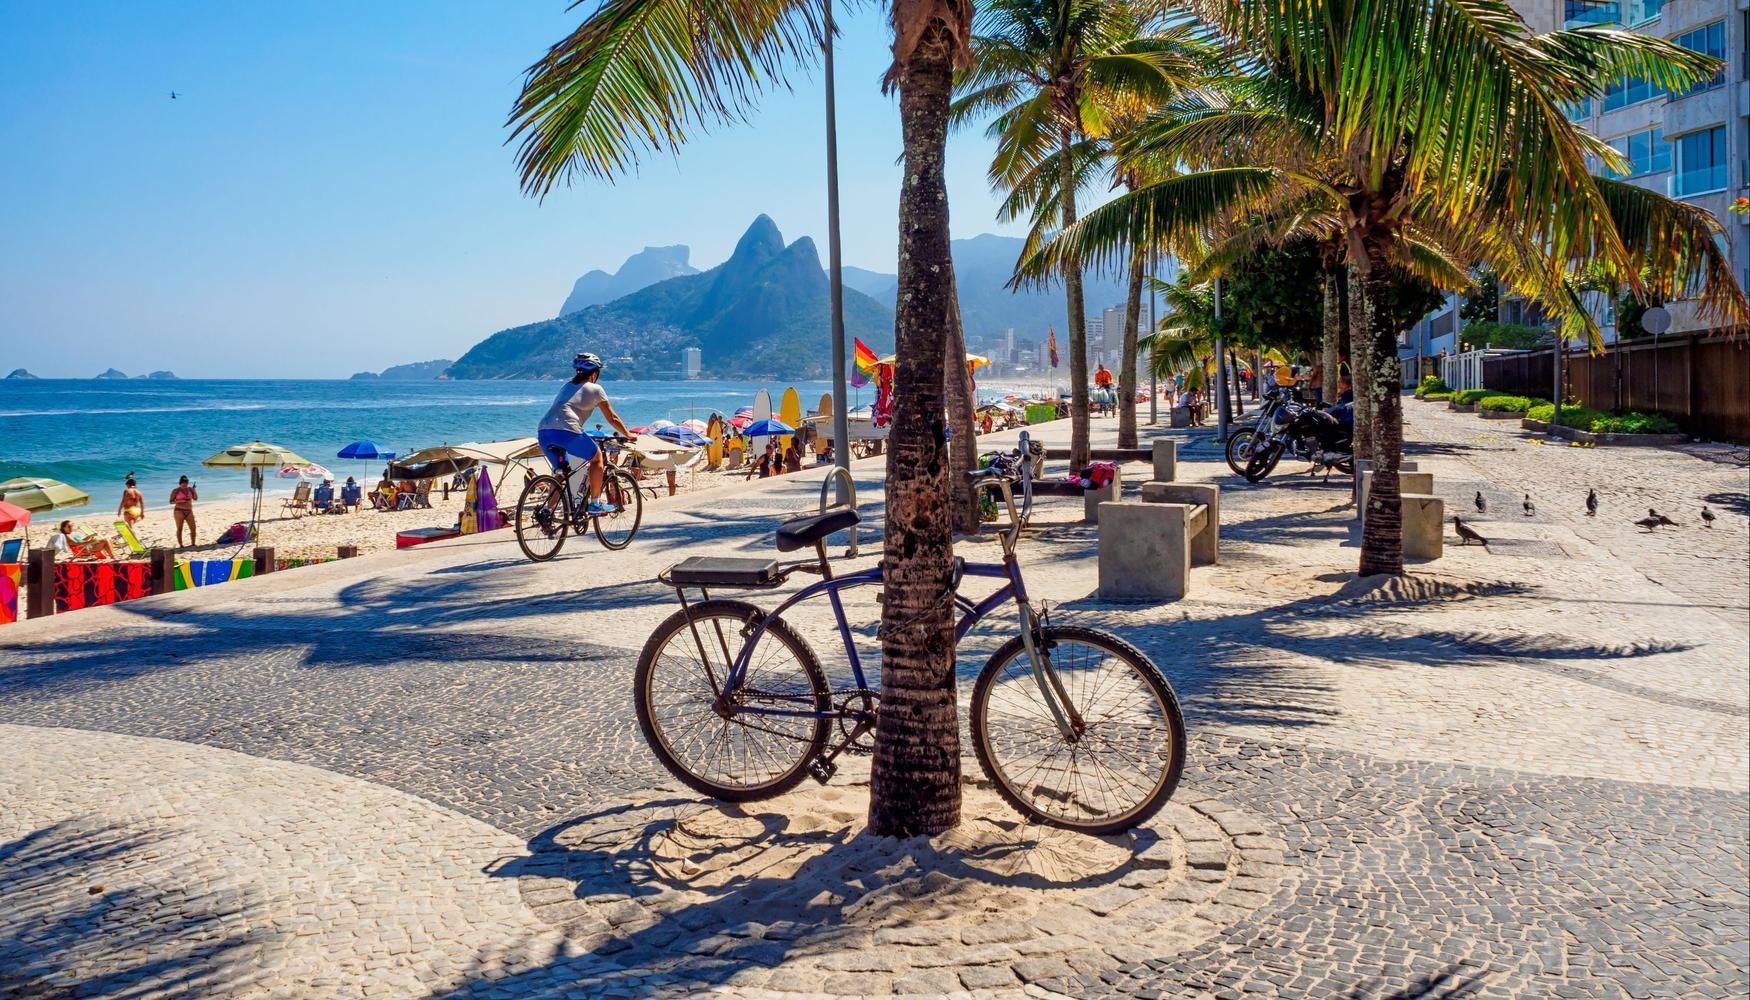 里约热内卢 圣杜蒙特机场的租车